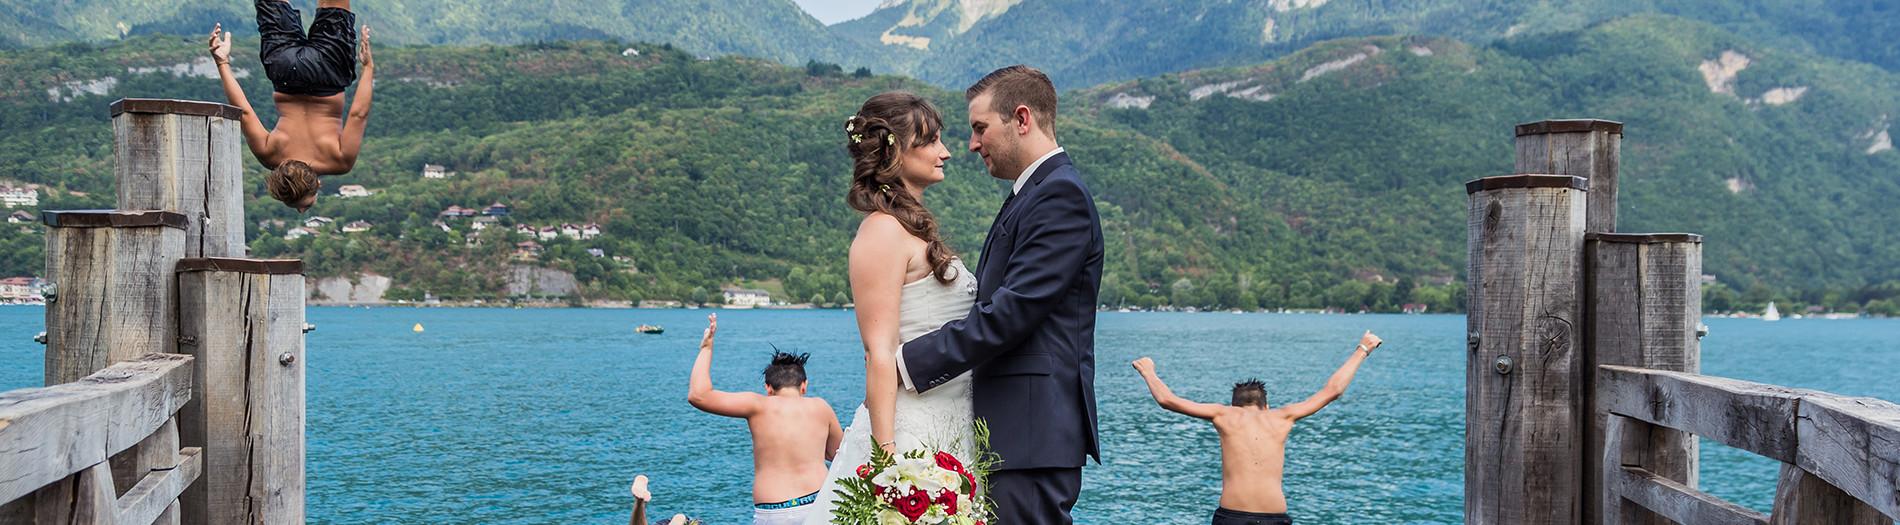 Mariage Annecy Les Trésoms // Alex & Justine